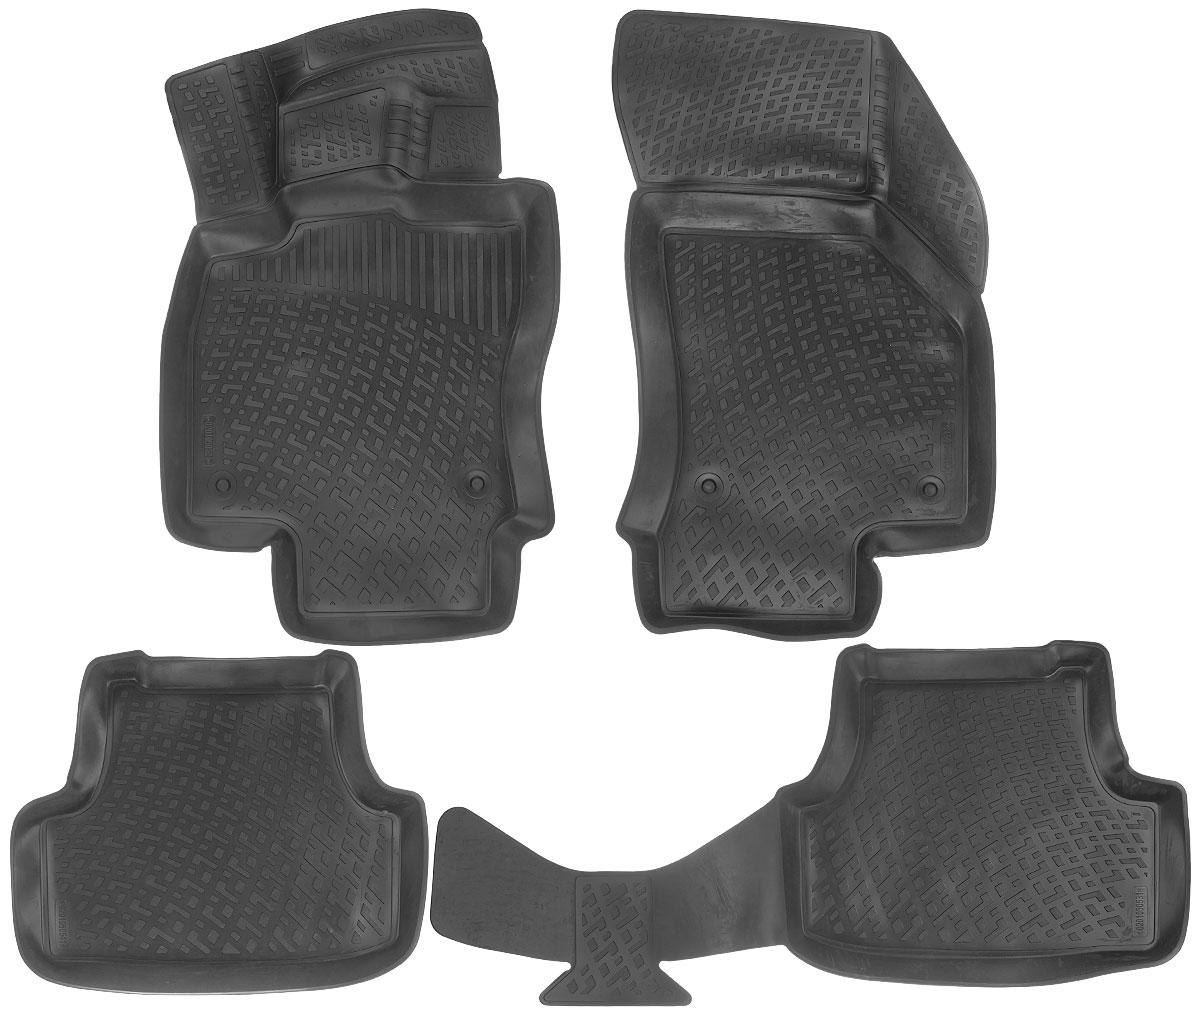 Набор автомобильных ковриков L.Locker Volkswagen Golf (7) 2012, в салон, 4 шт0106070101Набор L.Locker Volkswagen Golf (7) 2012, изготовленный из полиуретана, состоит из 4ковриков,которые производятся индивидуально для каждой моделиавтомобиля. Изделие точно повторяет геометрию пола автомобиля, имеет высокийборт, обладает повышенной износоустойчивостью, лишено резкого запаха и сохраняет своипотребительские свойства в широком диапазоне температур от -50°С до +80°С.Комплектация: 4 шт.Размер ковриков: 87 см х 53 см; 57 см х 46 см; 104 см х 47 см; 84 см х 50 см.